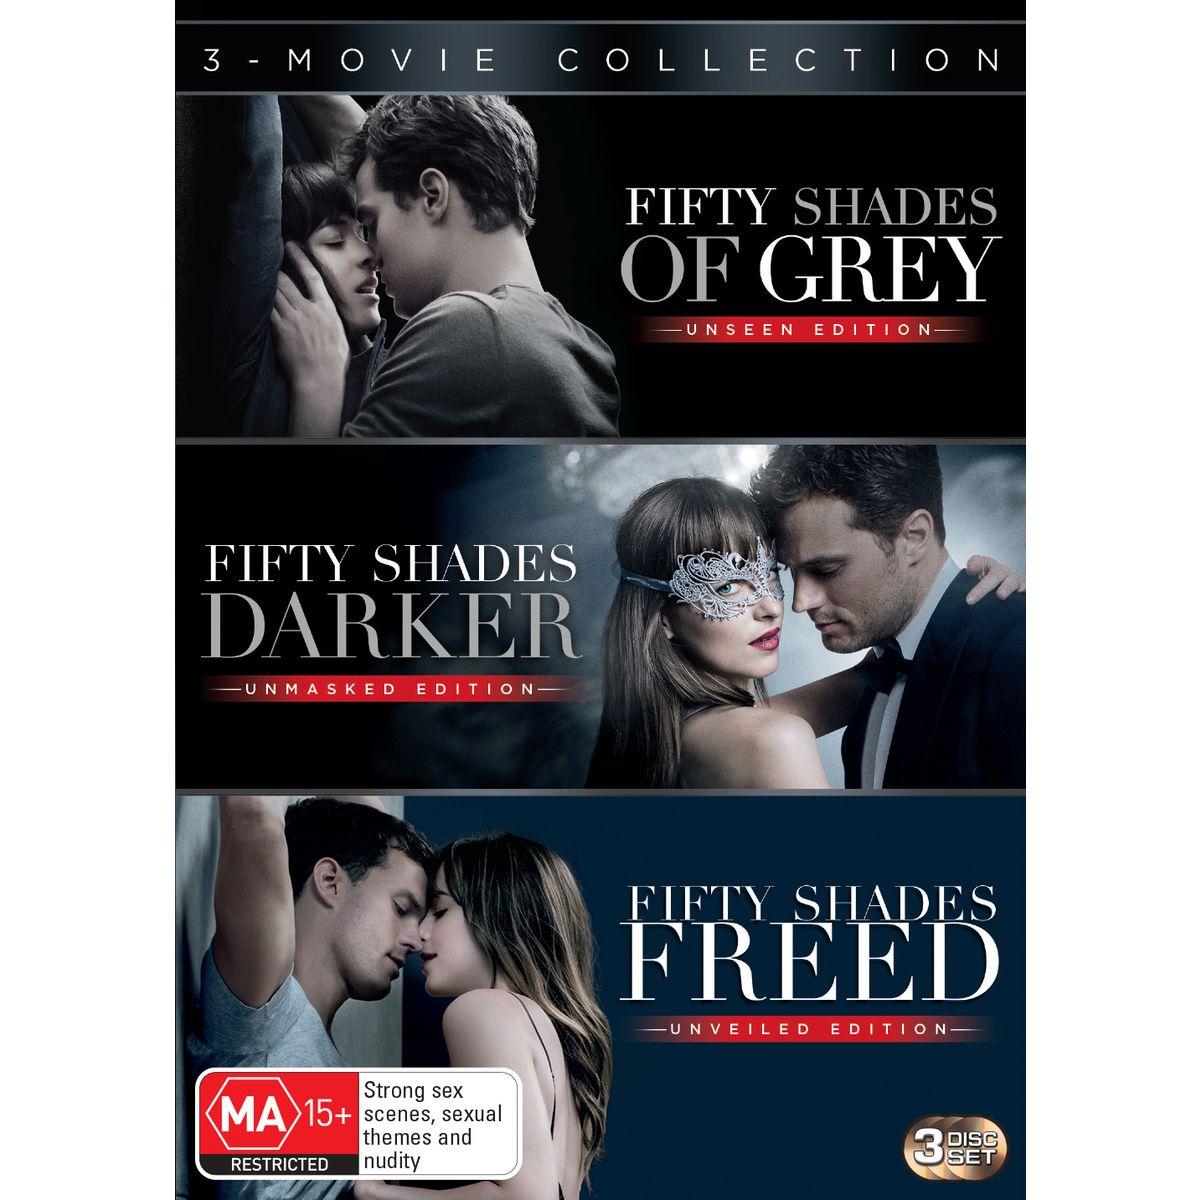 Fifty Shades Collection 3 Movies Dvd Assistir Filmes Grátis Filmes Gratis Filmes Românticos